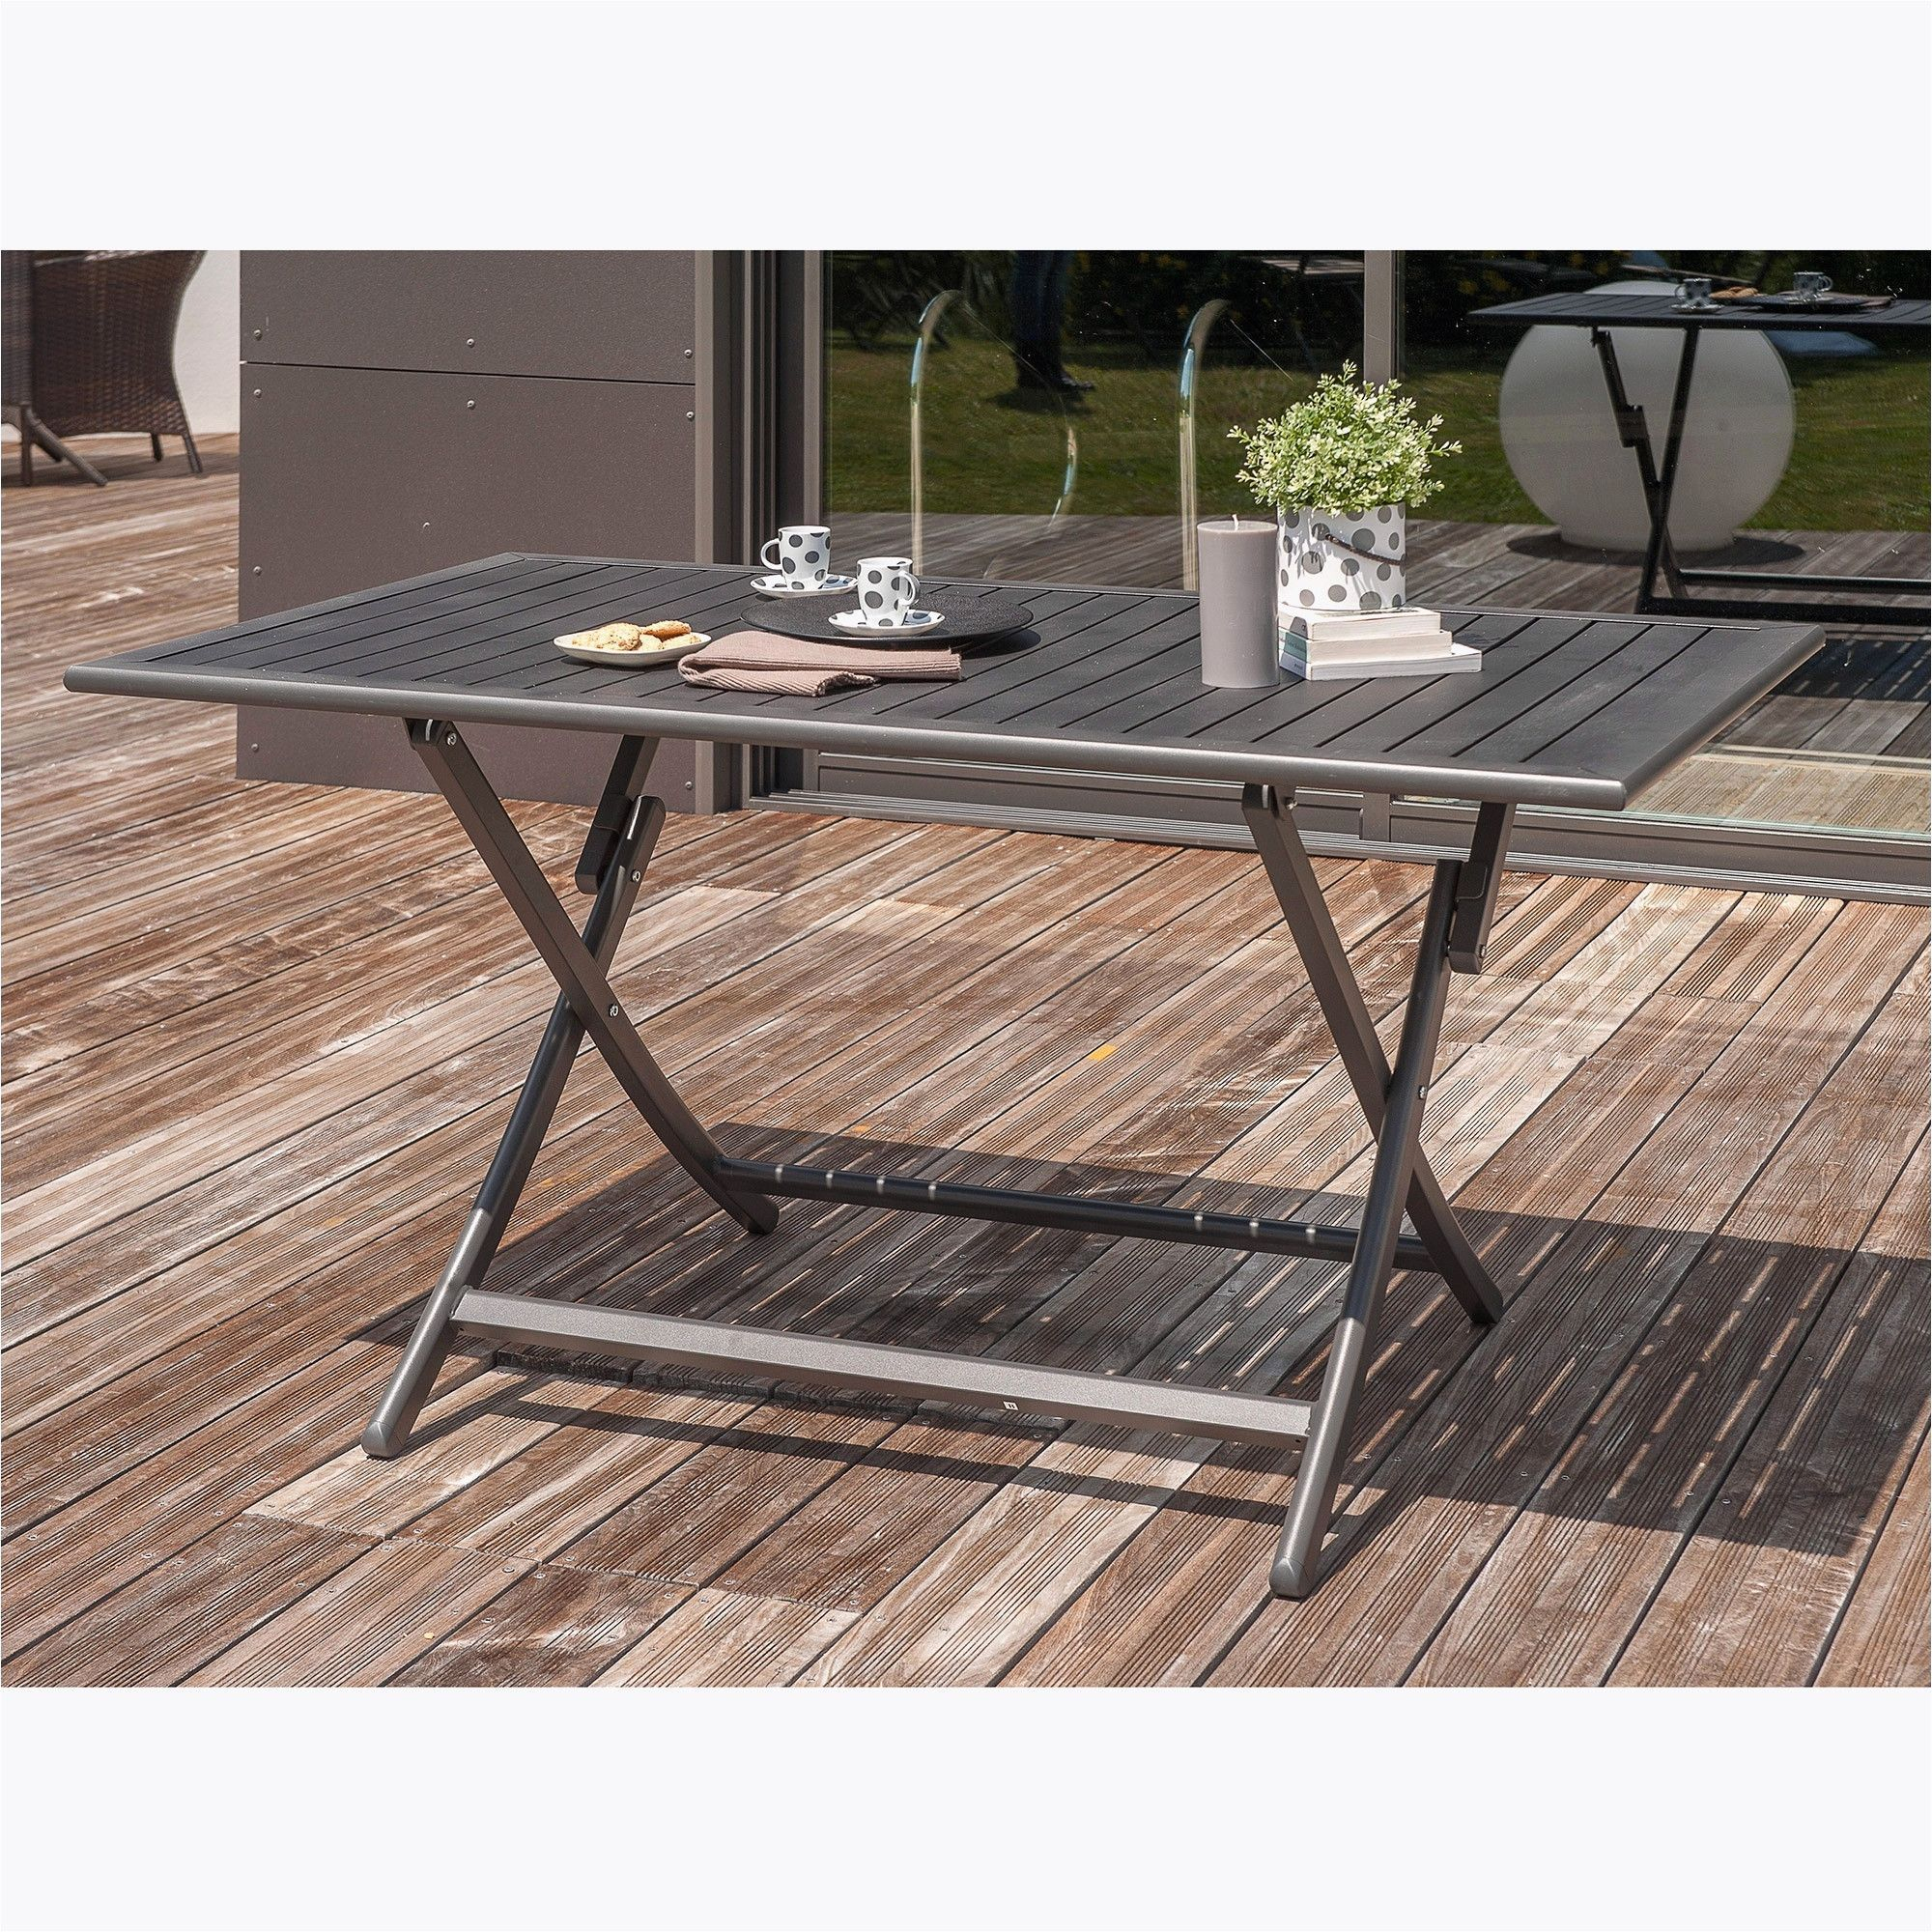 Table Pliante Leclerc Beau S Leclerc Table De Jardin ... à Abris Jardin Leclerc